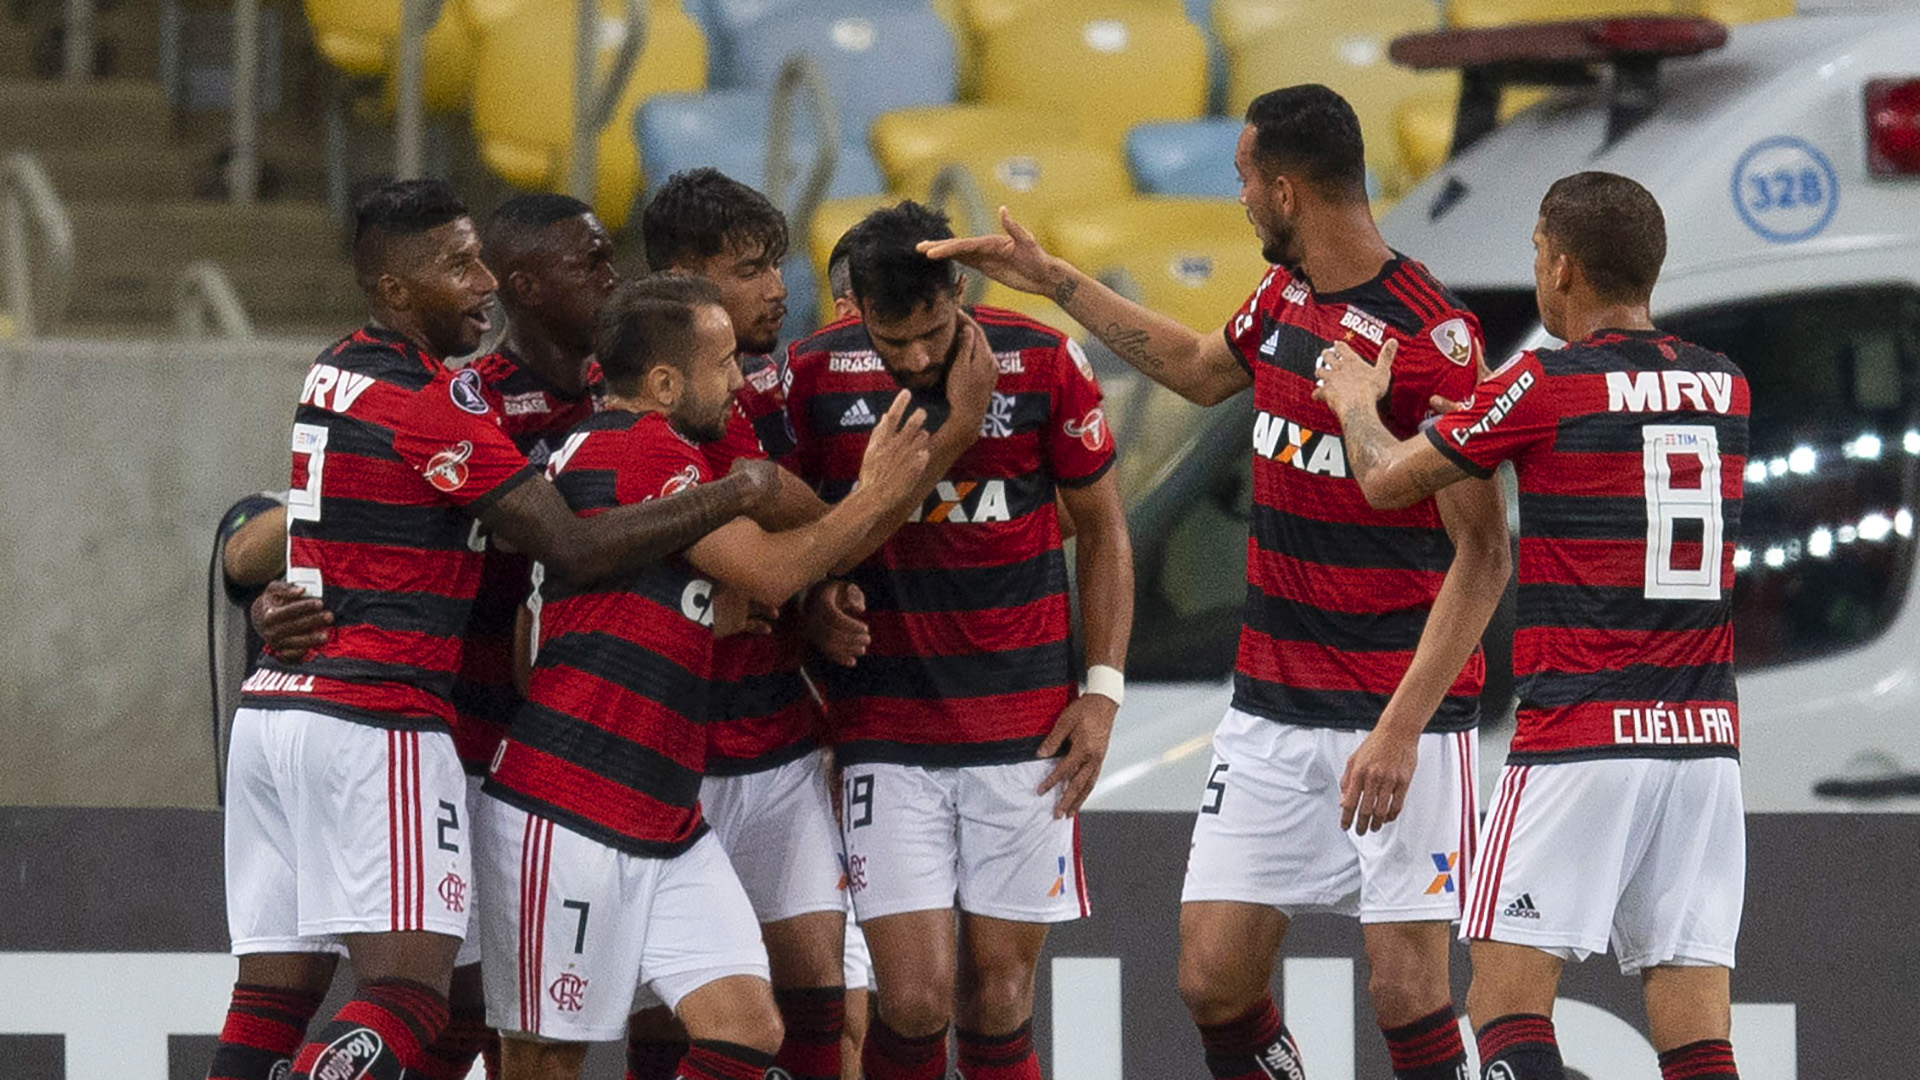 AO VIVO - Santa Fe x Flamengo em tempo real